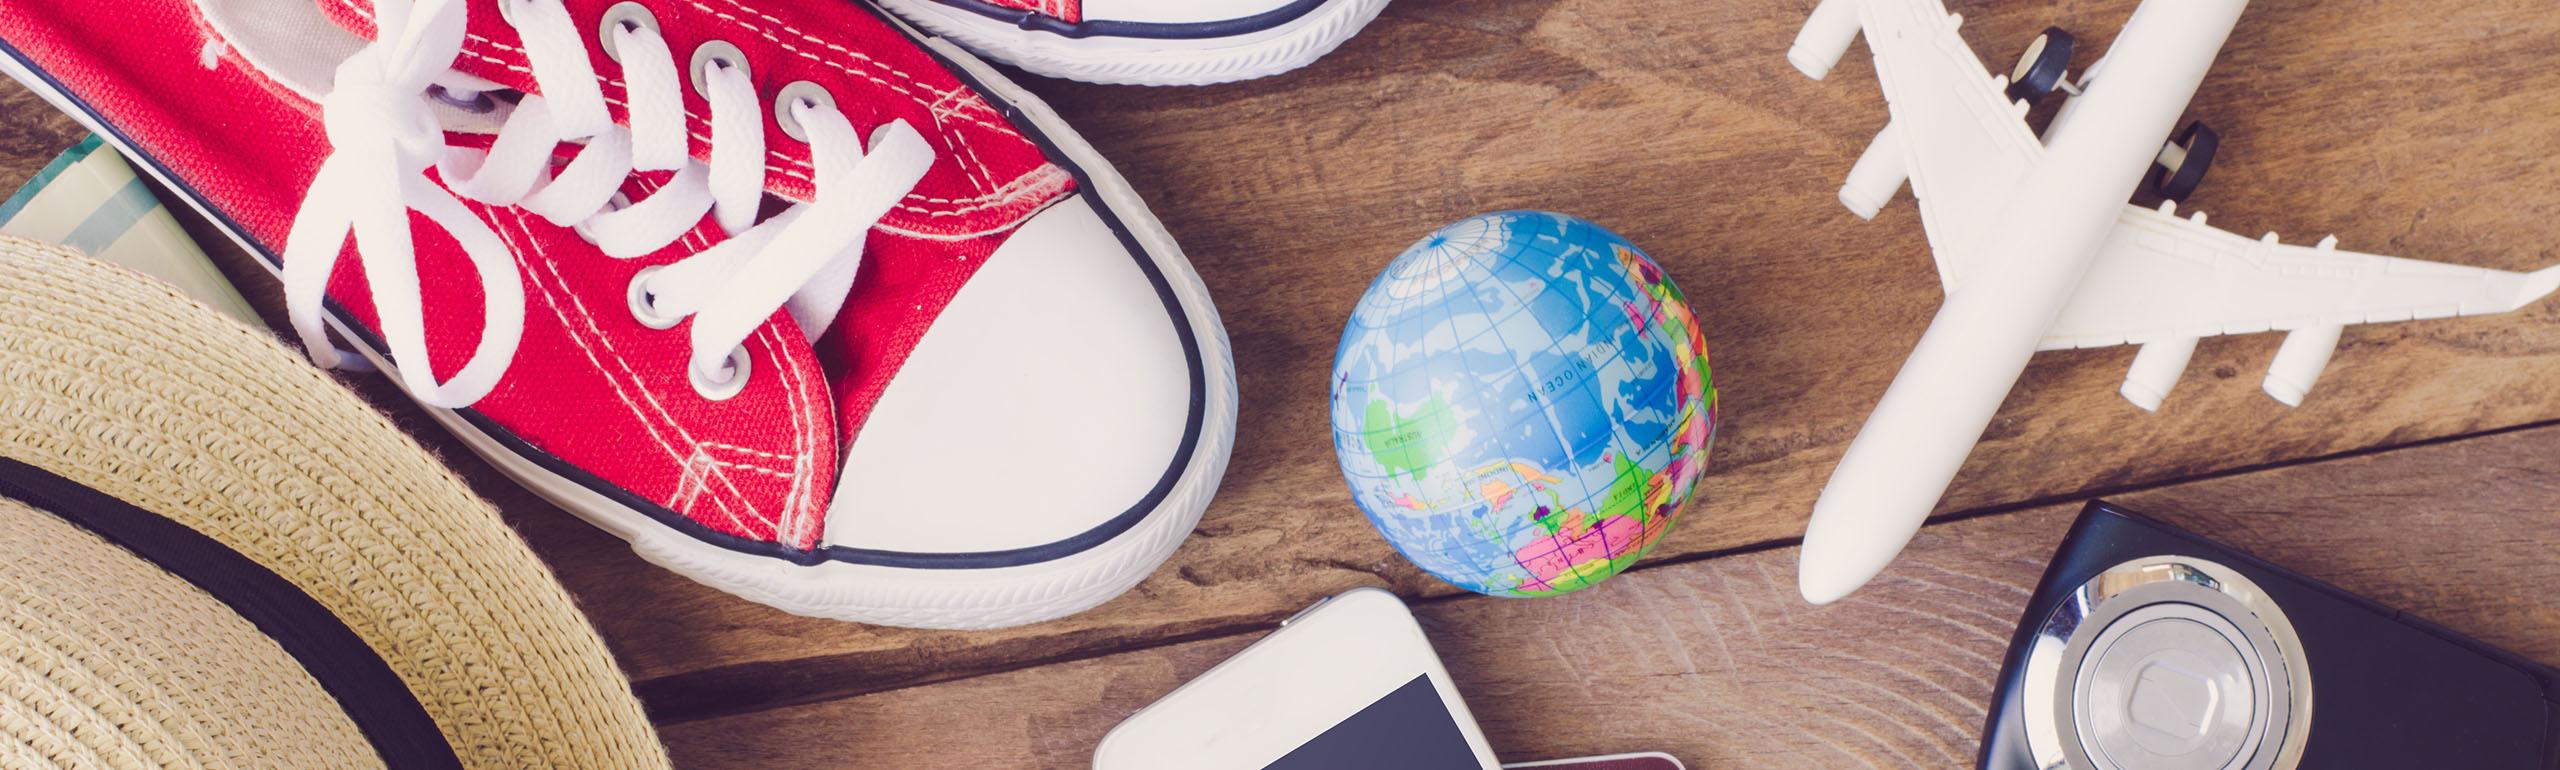 6 věcí do kufru, které ulehčí naší peněžence na dovolené